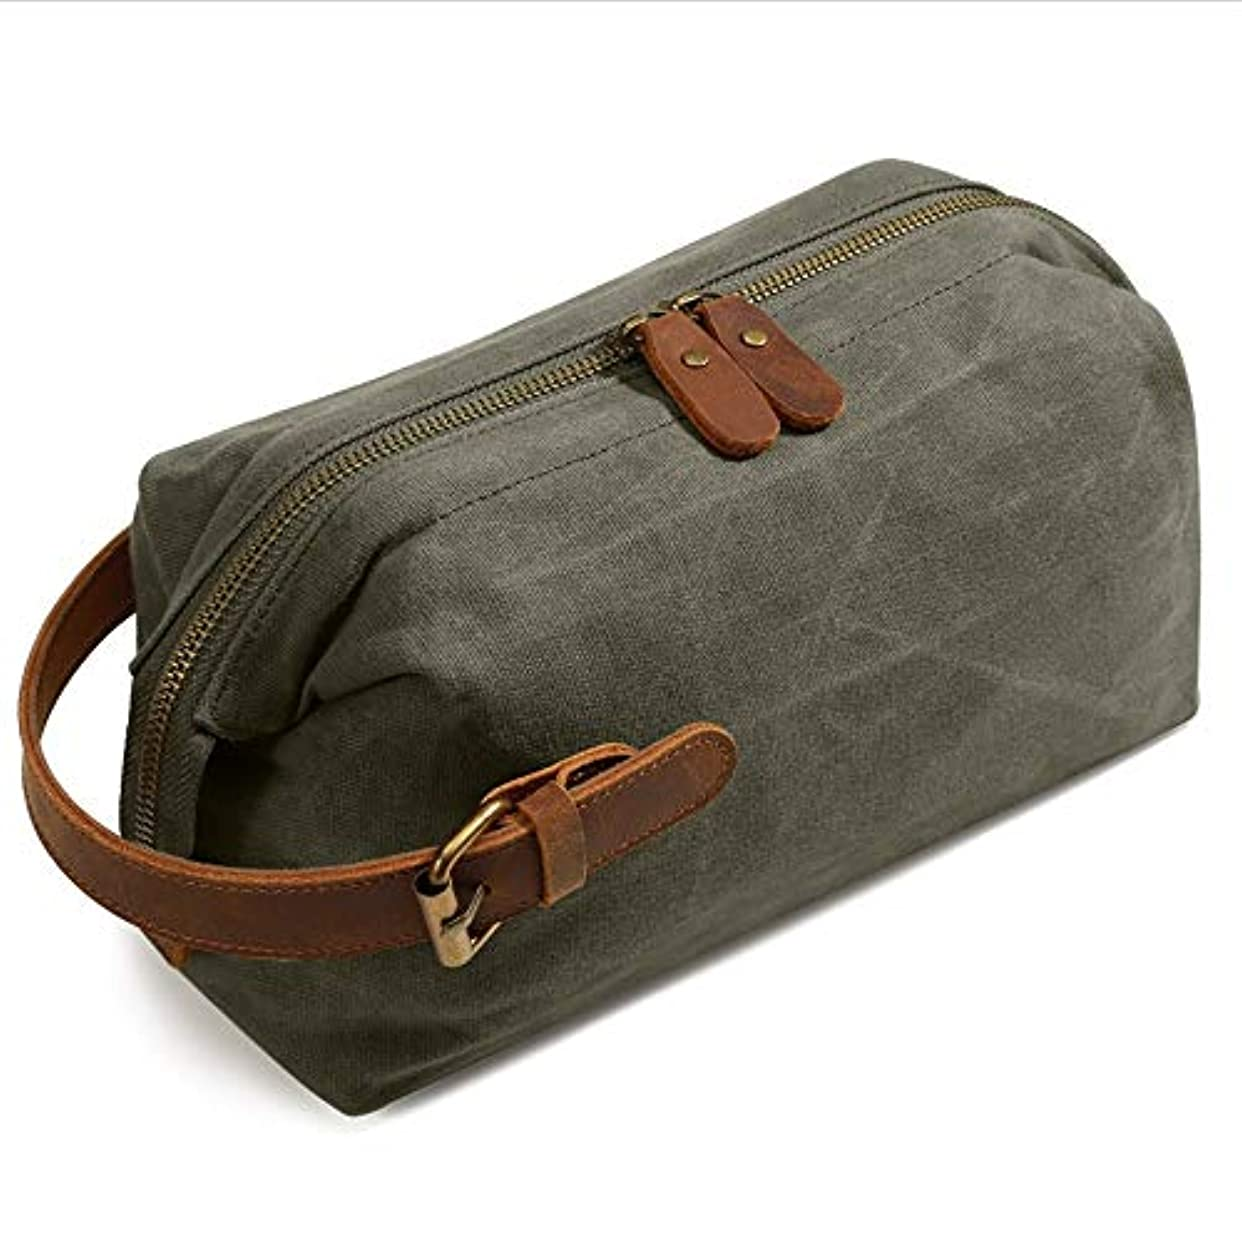 キャンプ大量欠かせない化粧オーガナイザーバッグ ポータブル防水化粧品袋トップジッパーメークアップケーストラベルグリーン 化粧品ケース (色 : 緑)